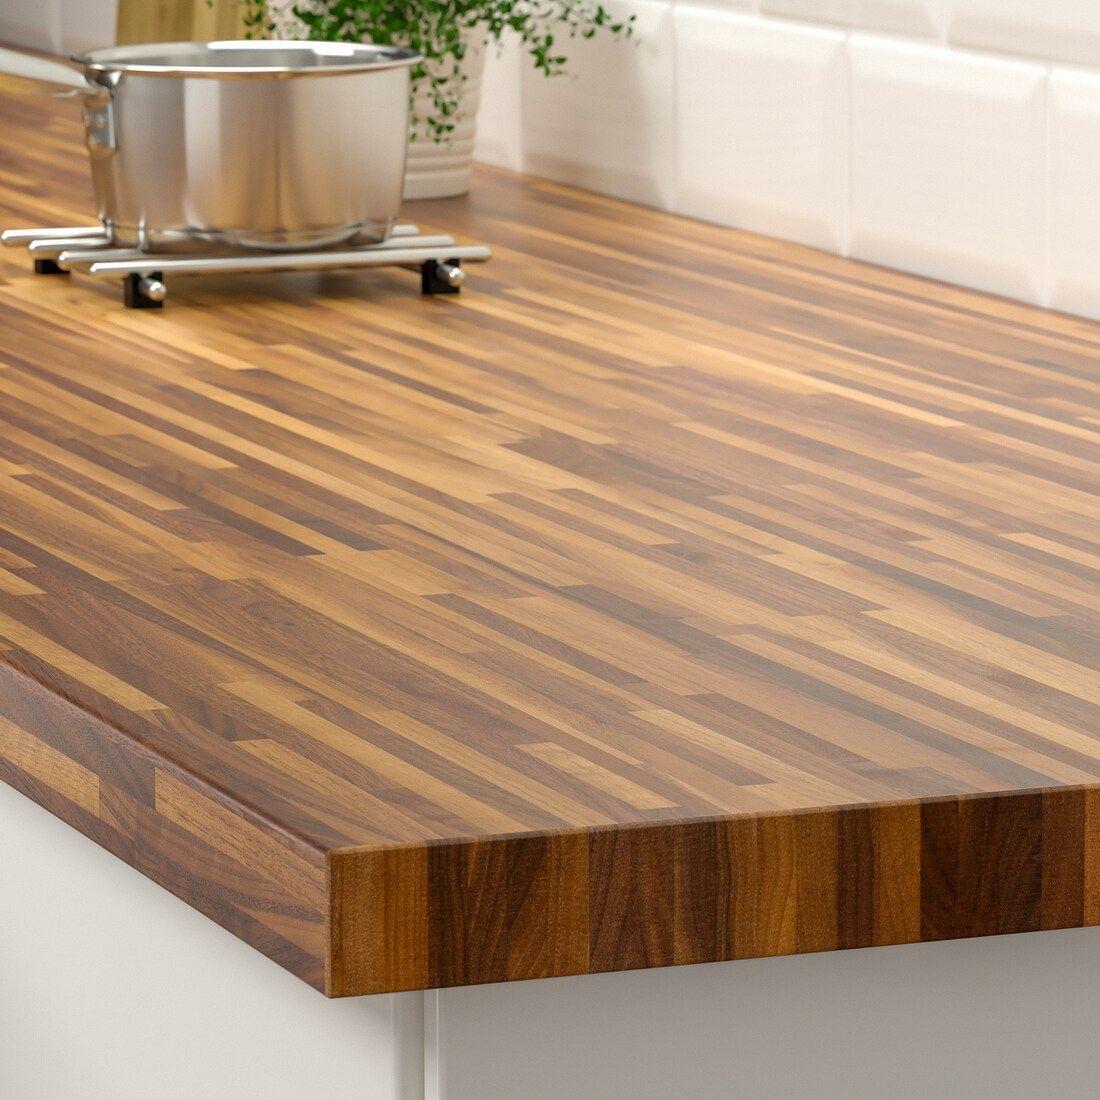 Pinnarp Countertop Walnut Veneer Ikea In 2020 Wooden